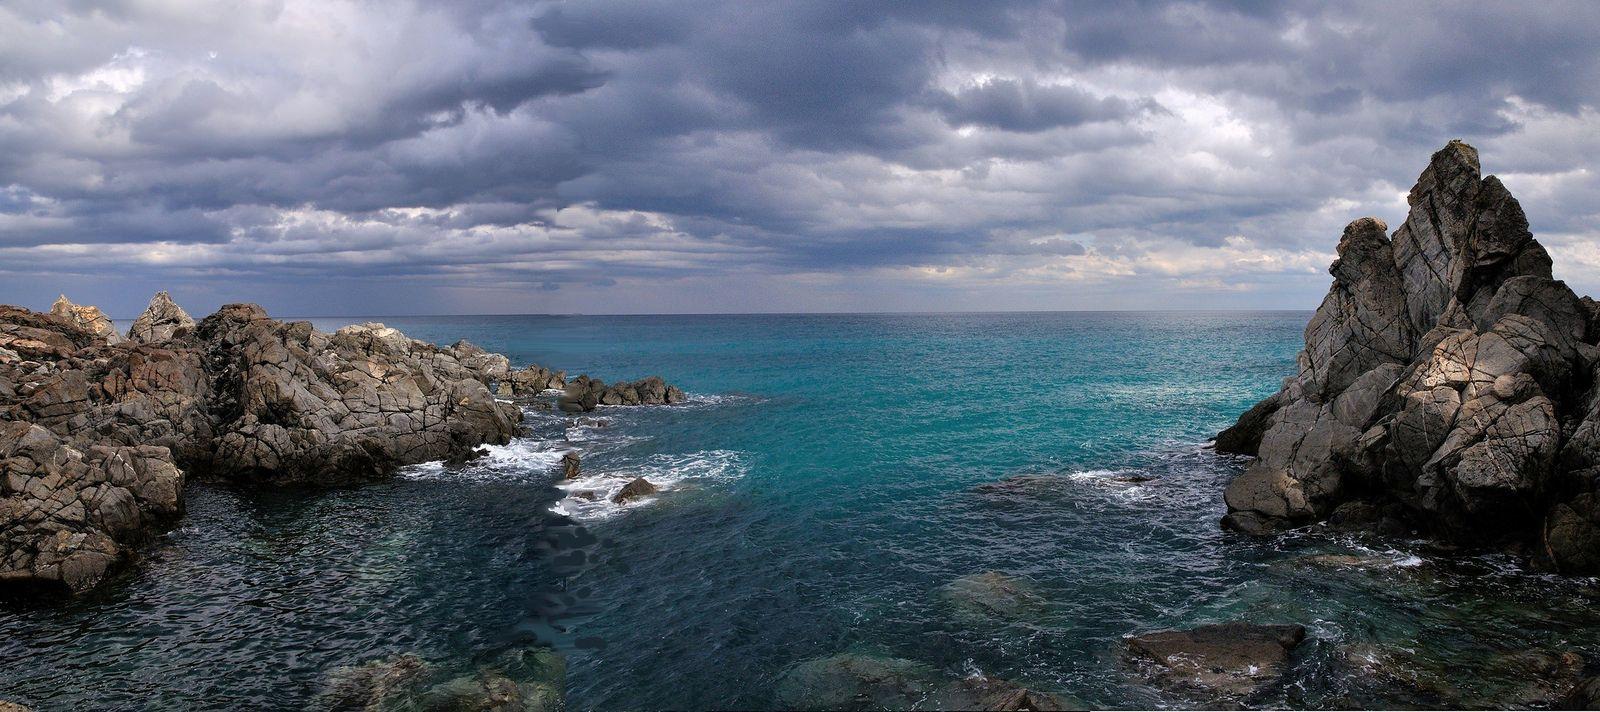 Calabria - la scogliera di Copanello | Spiagge e Costa